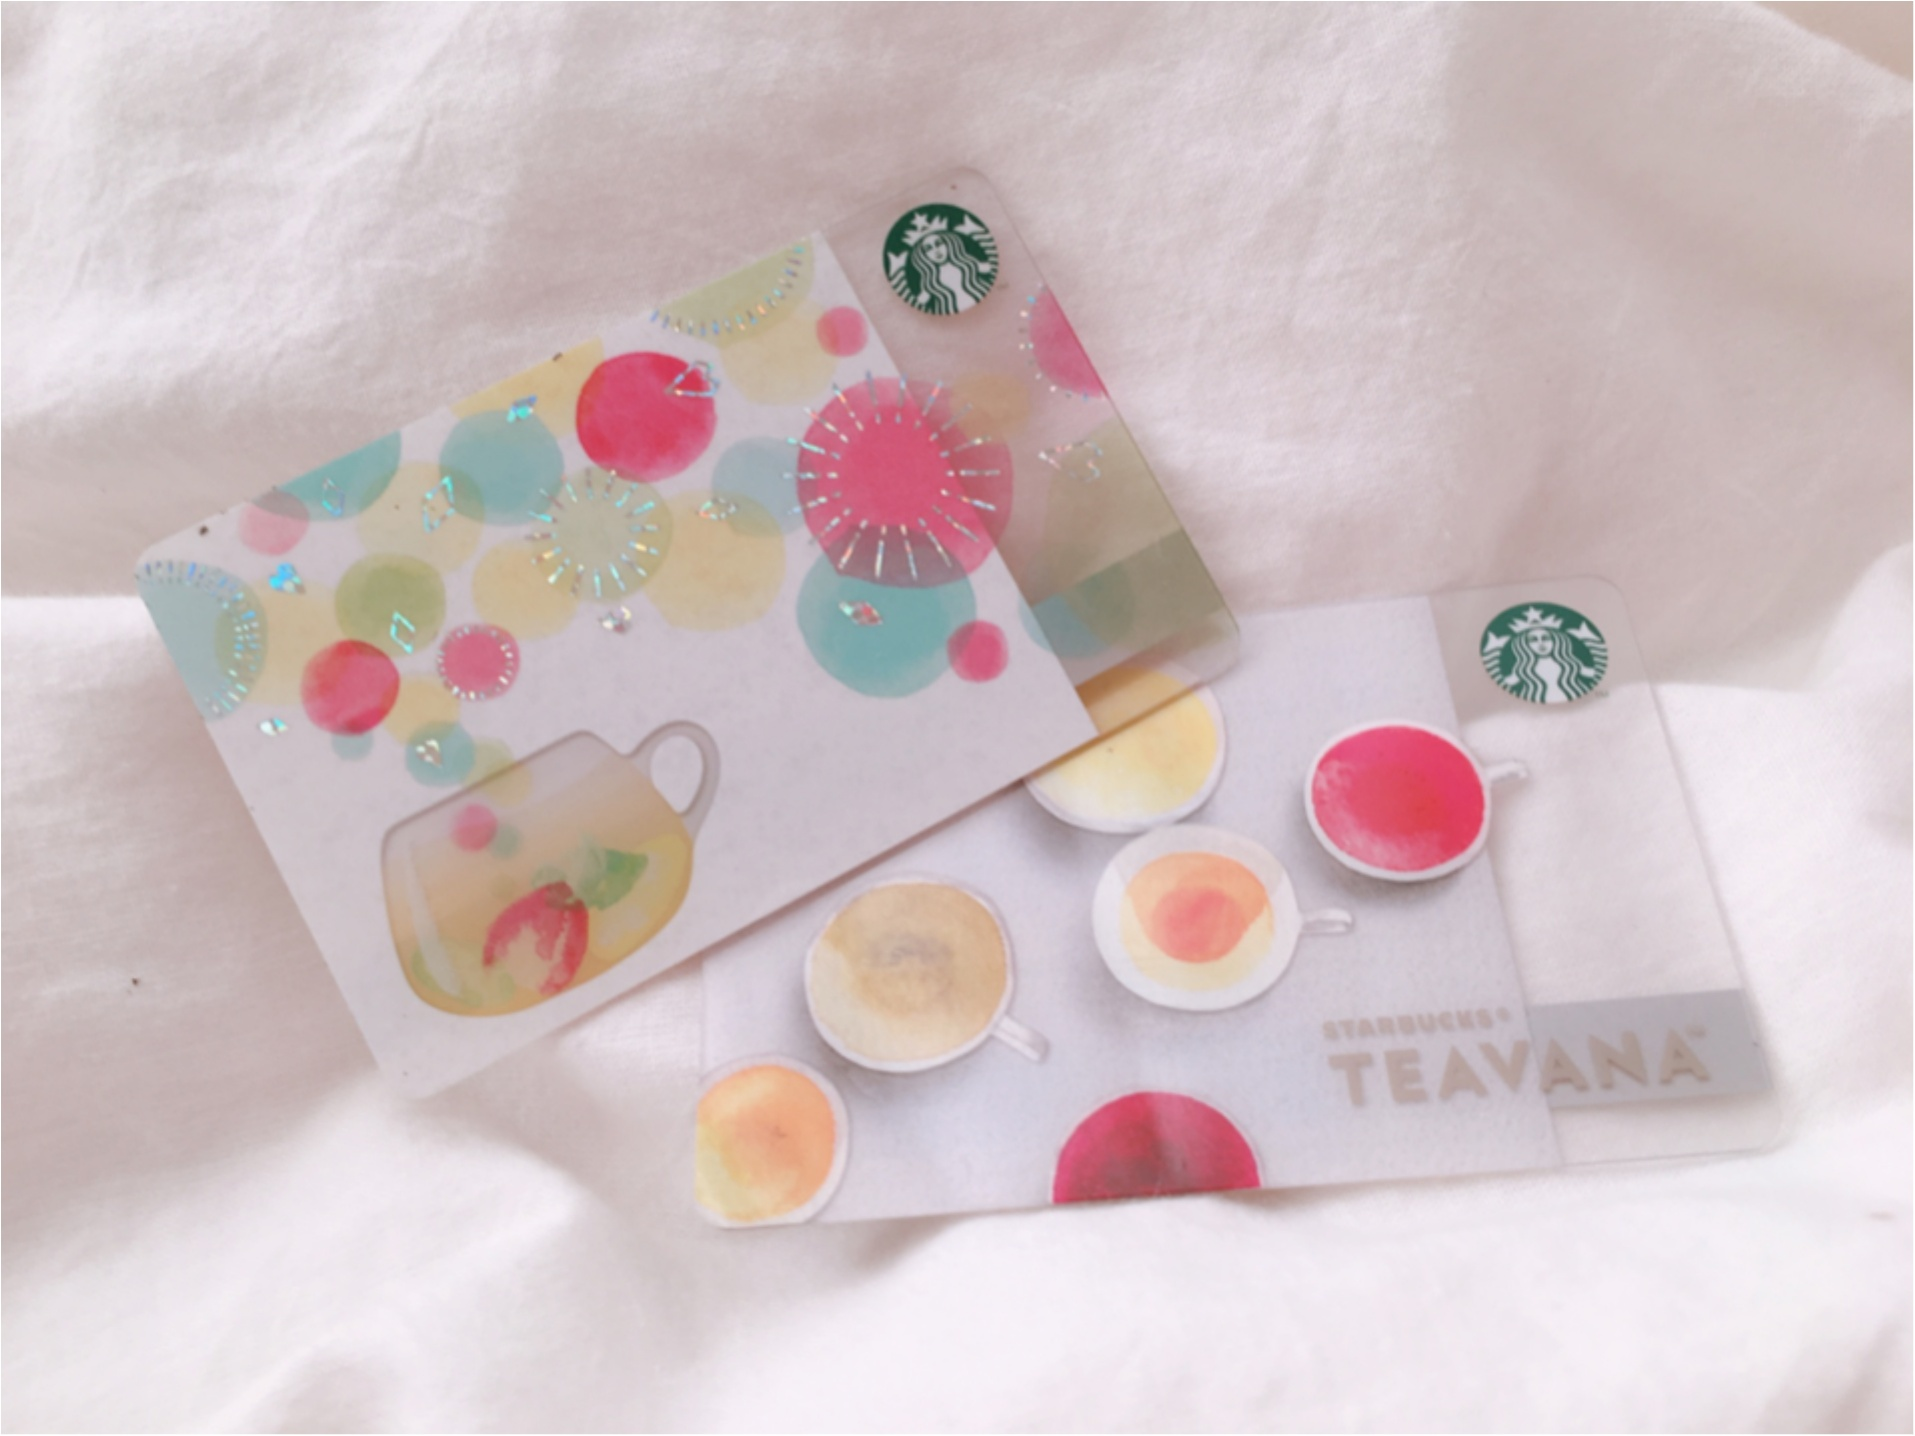 【スタバ】紅茶派さんにオススメ!ロイヤルミルクティー風0円カスタム&TEAVANA新カードがかわいい♡_3